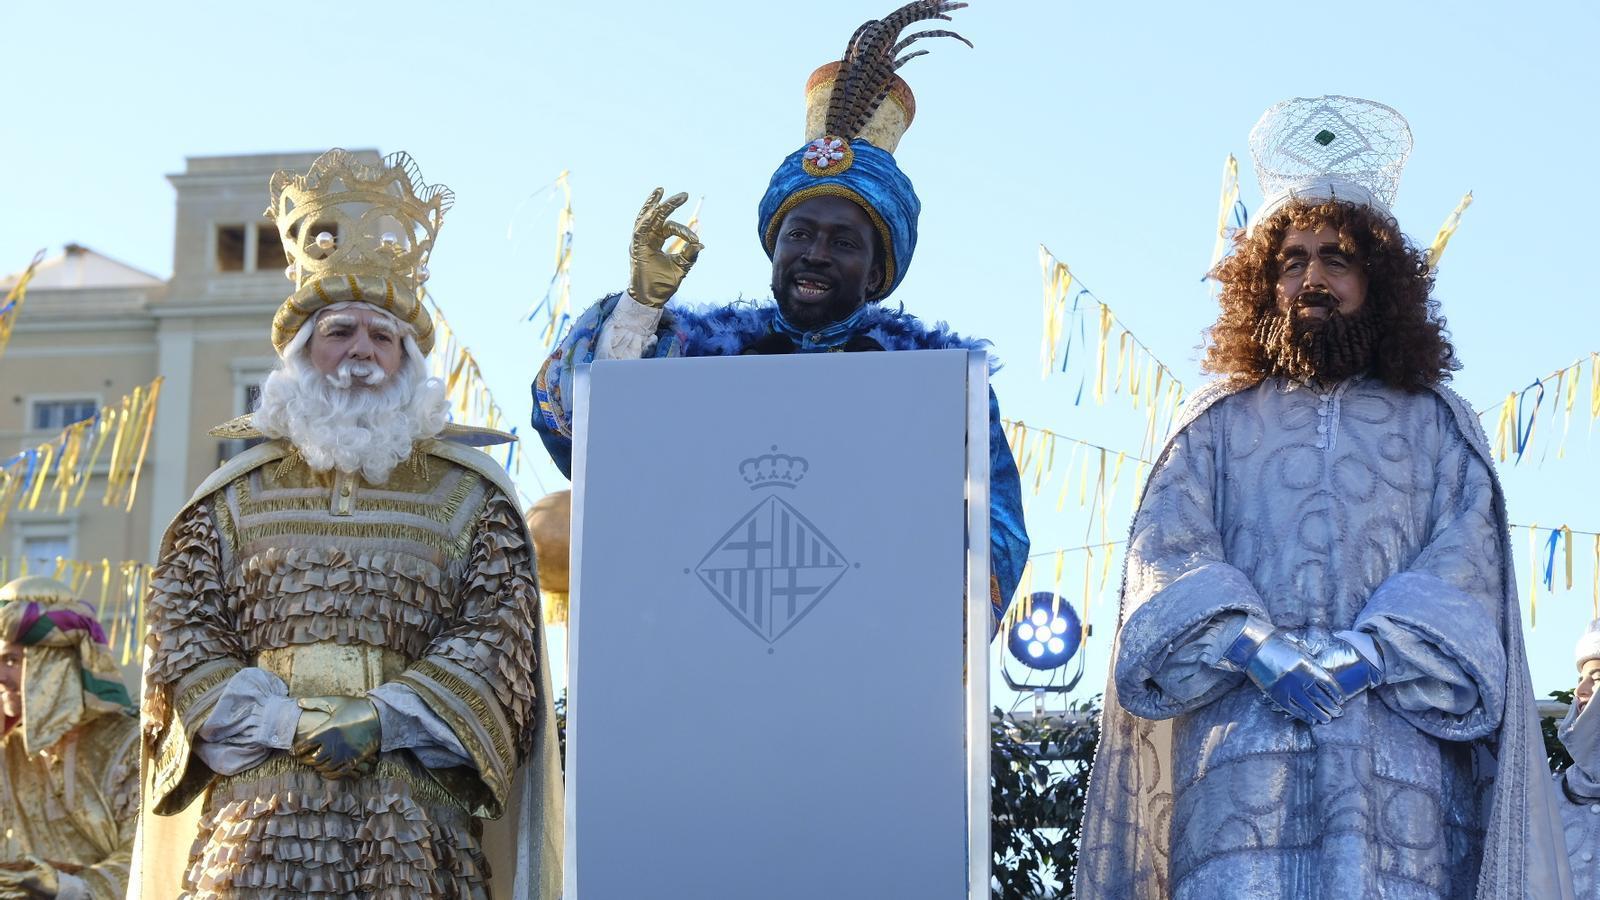 Barcelona no farà Cavalcada però rebrà els Reis d'Orient en un gran espai al Fòrum